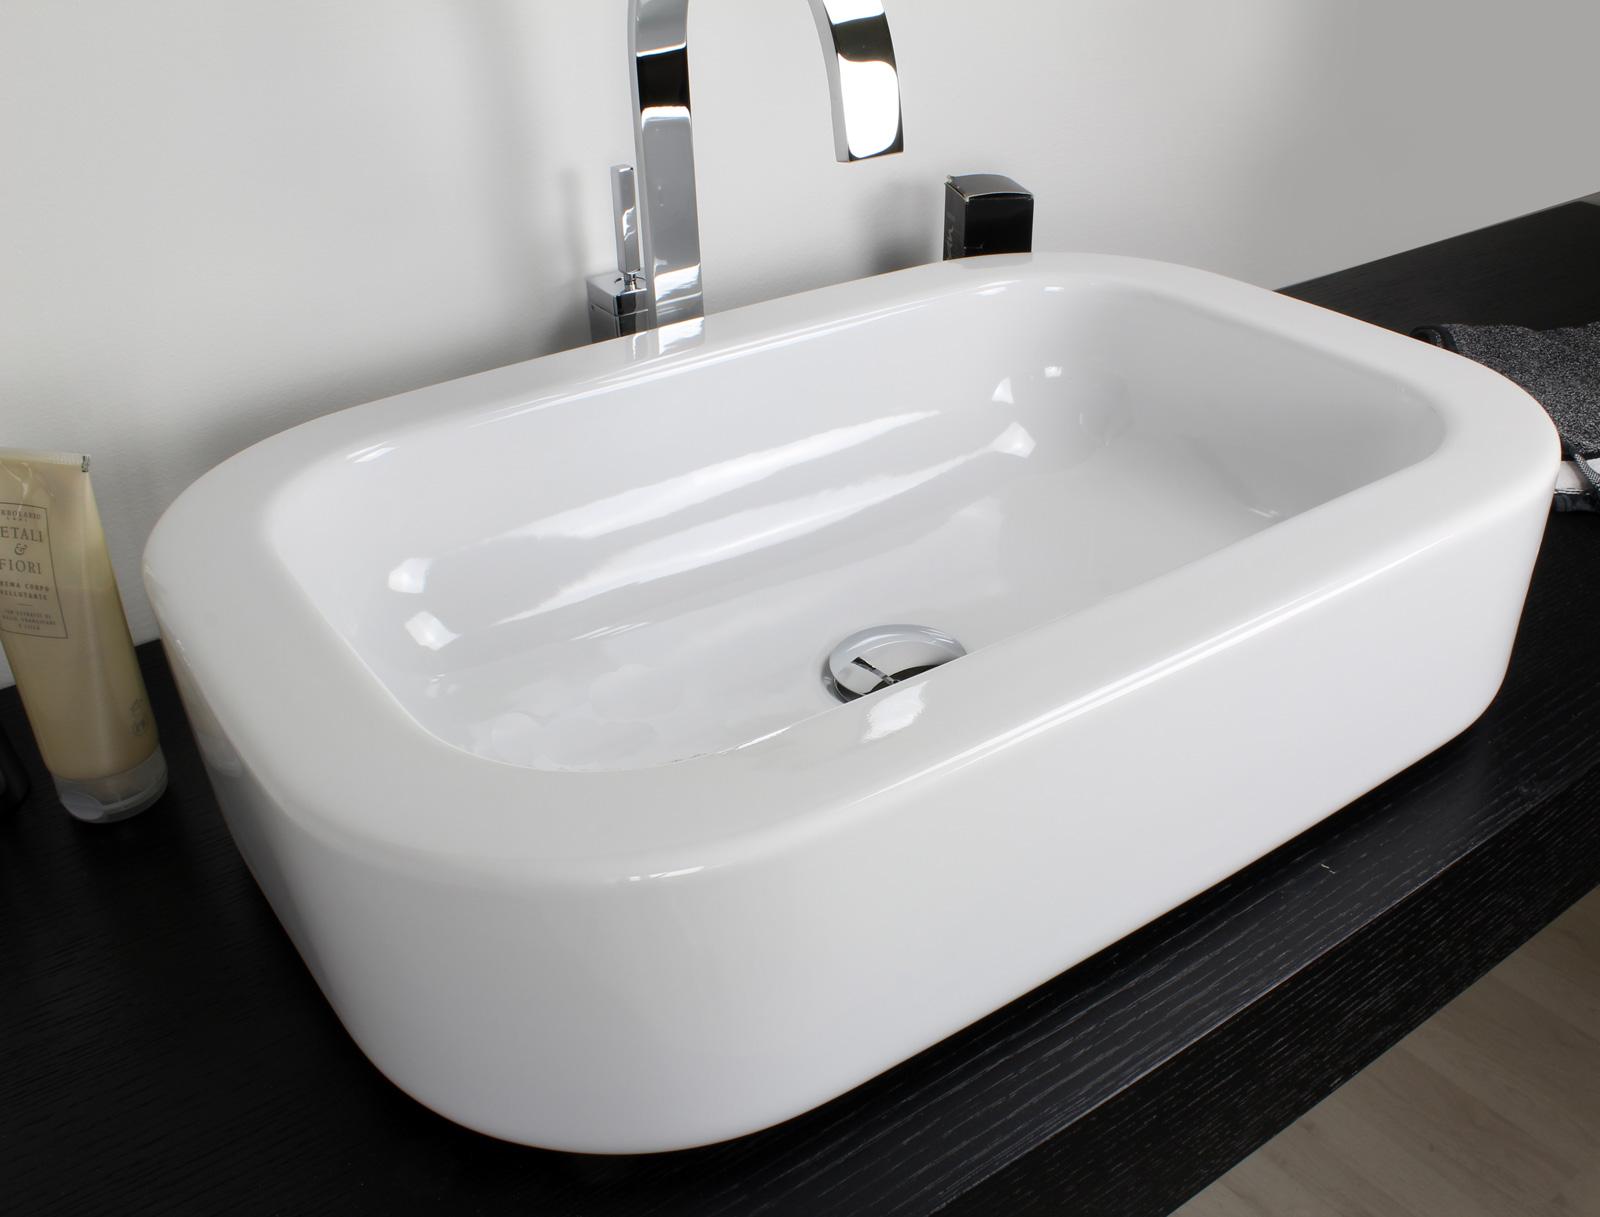 Lavello Cucina Ceramica Ideal Standard. Lavello Cucina ...